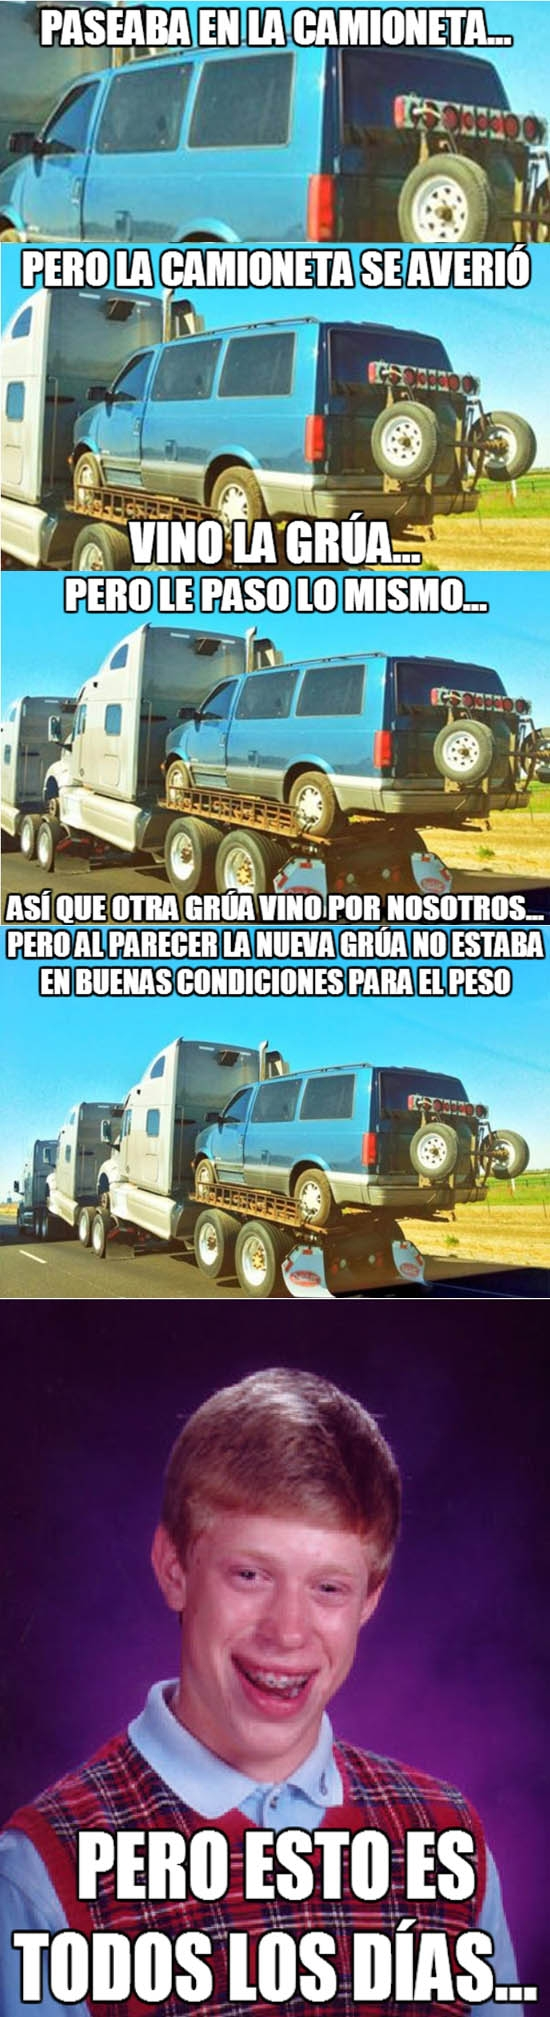 Bad_luck_brian - Paseo en camioneta